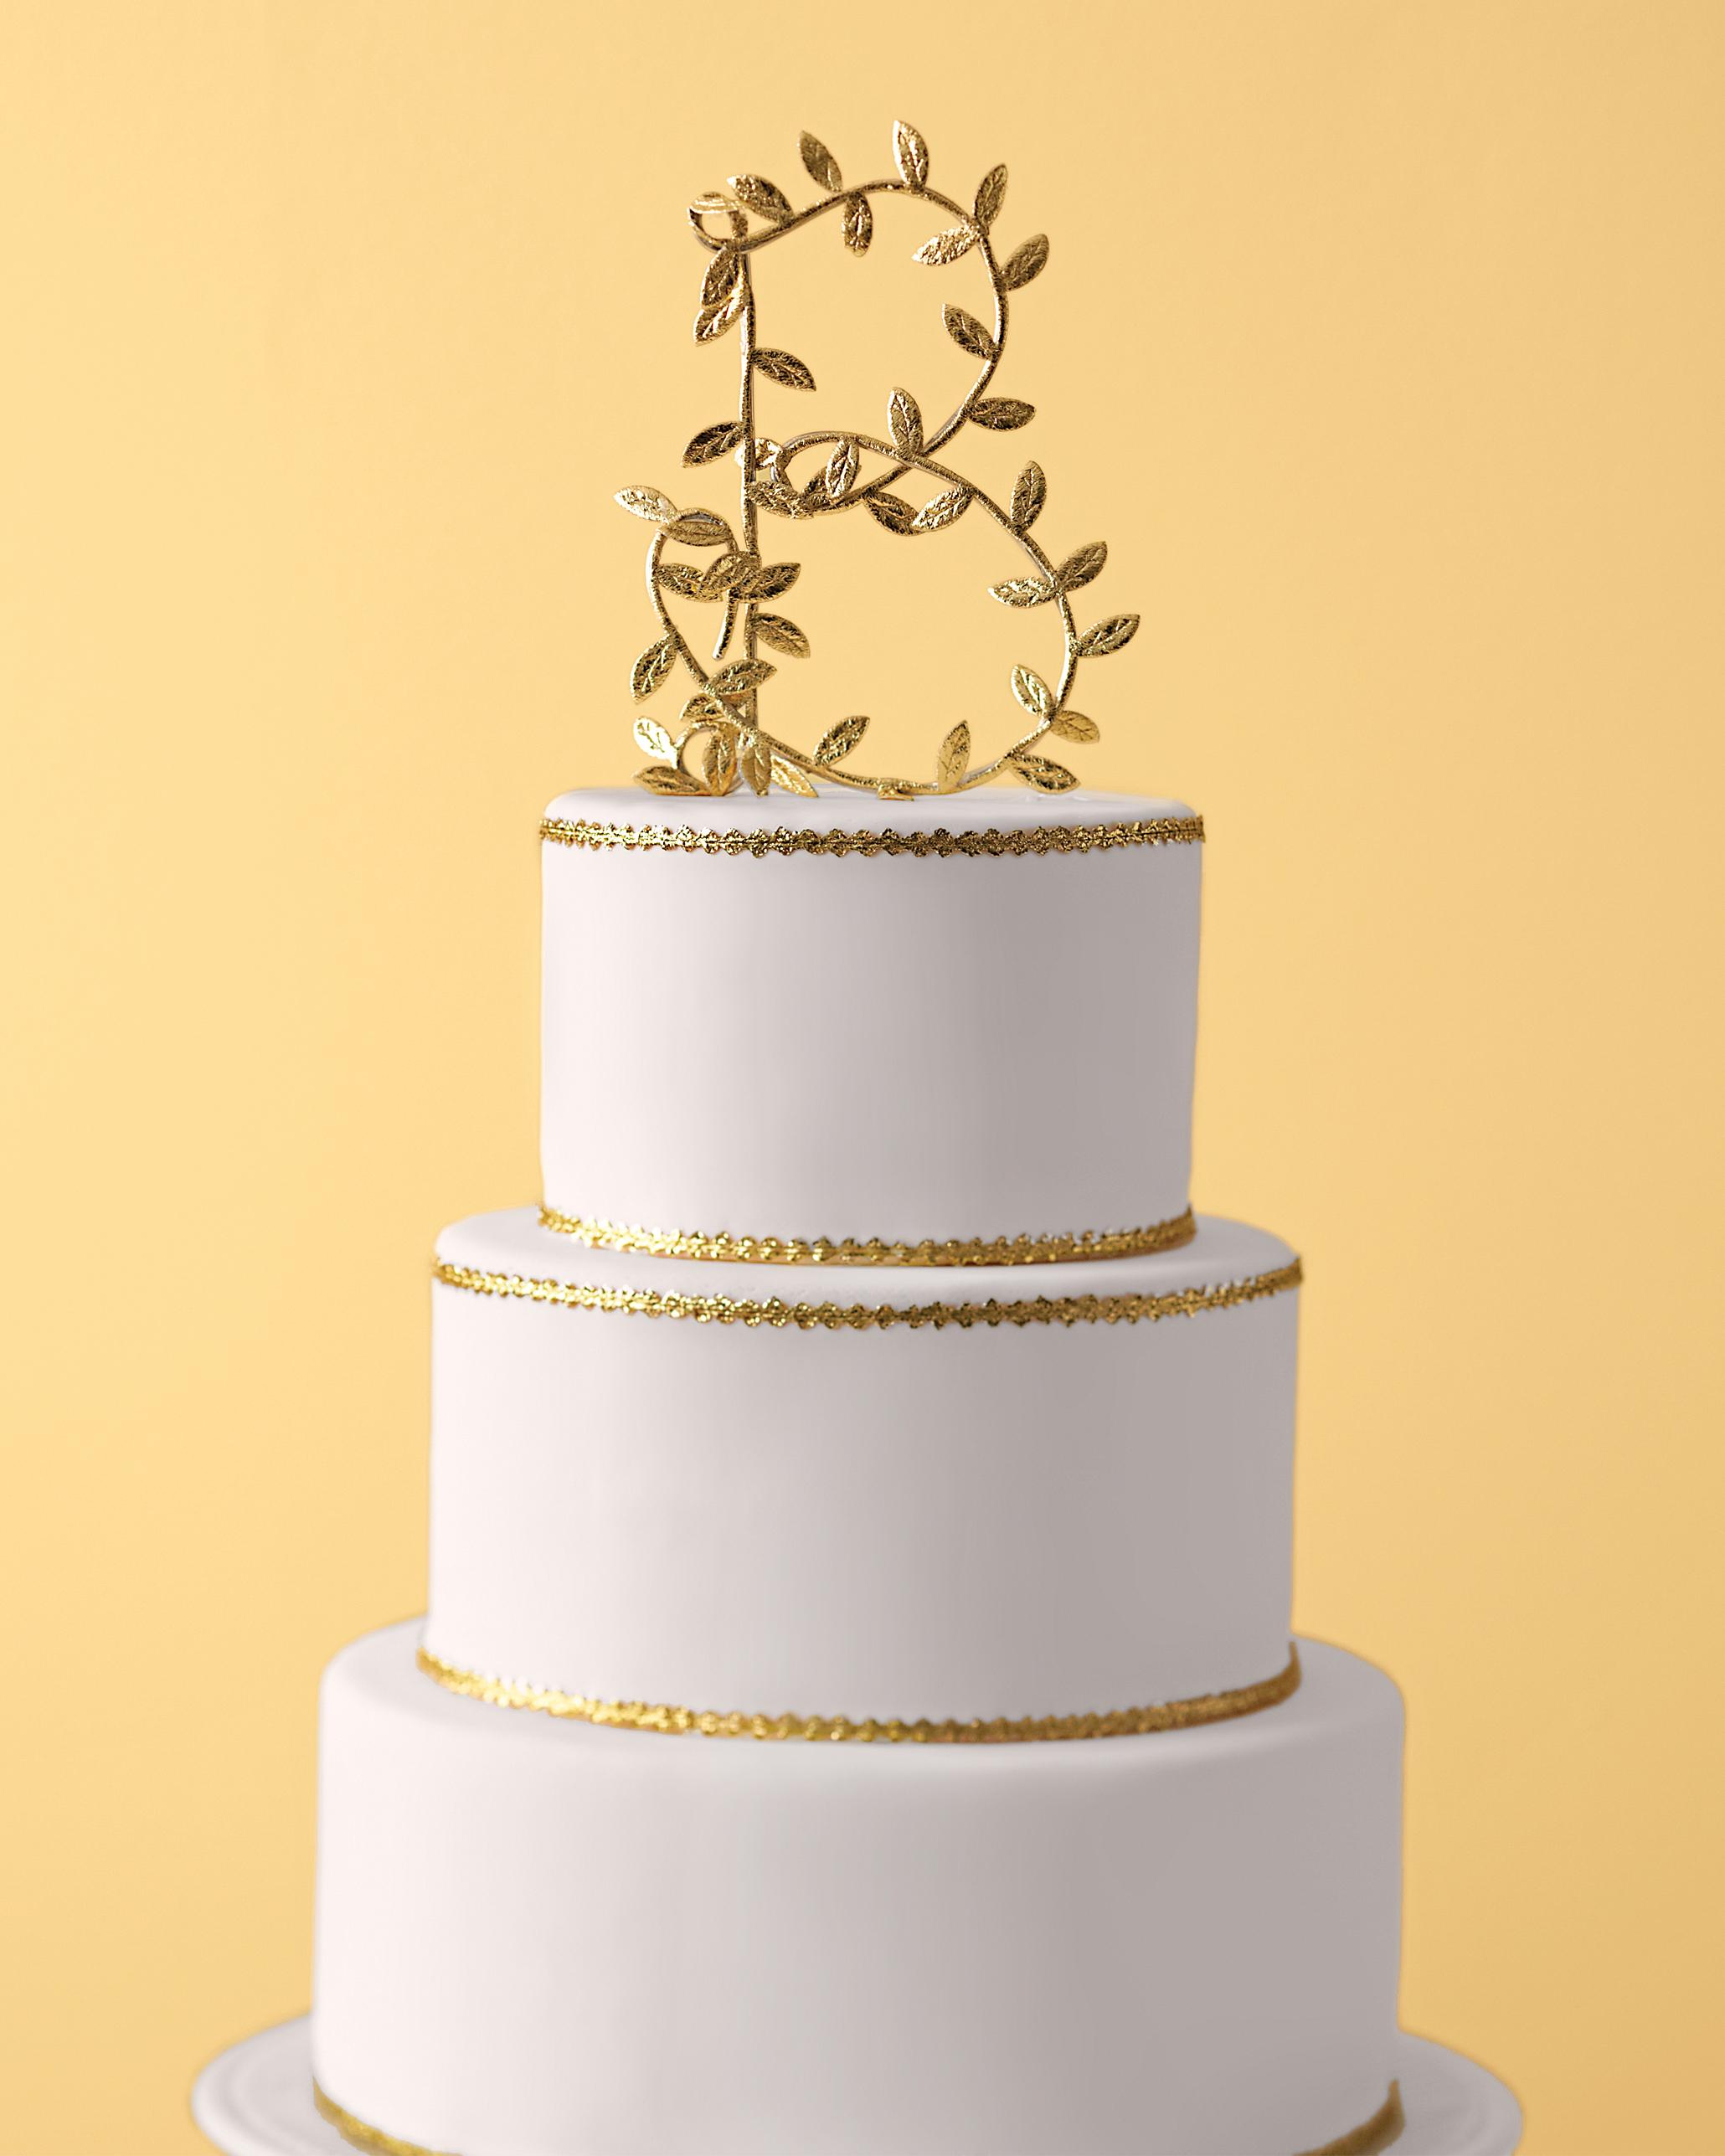 monogram-cake-0811mwd107435.jpg